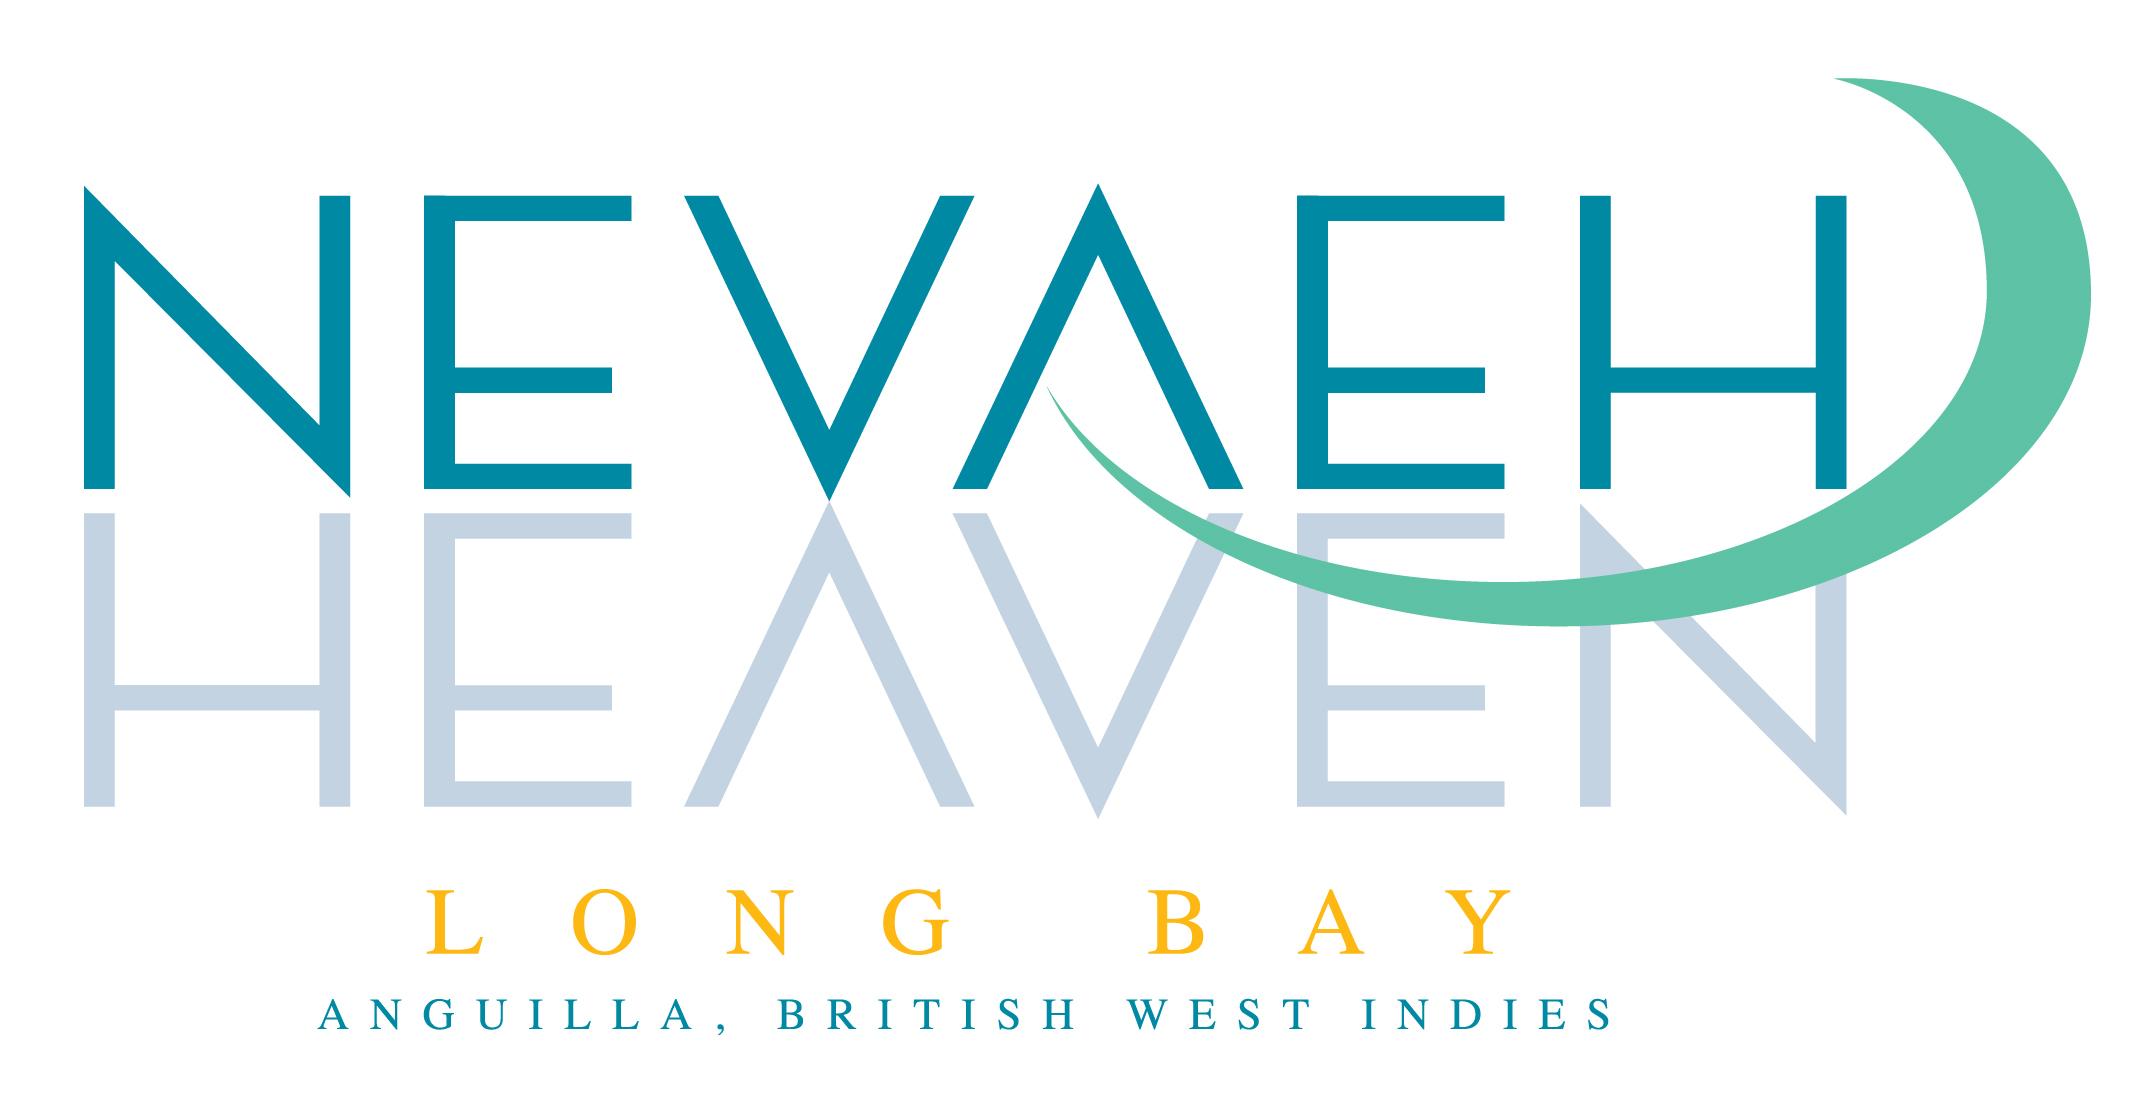 Nevaeh_Heaven_Logos (2).jpg